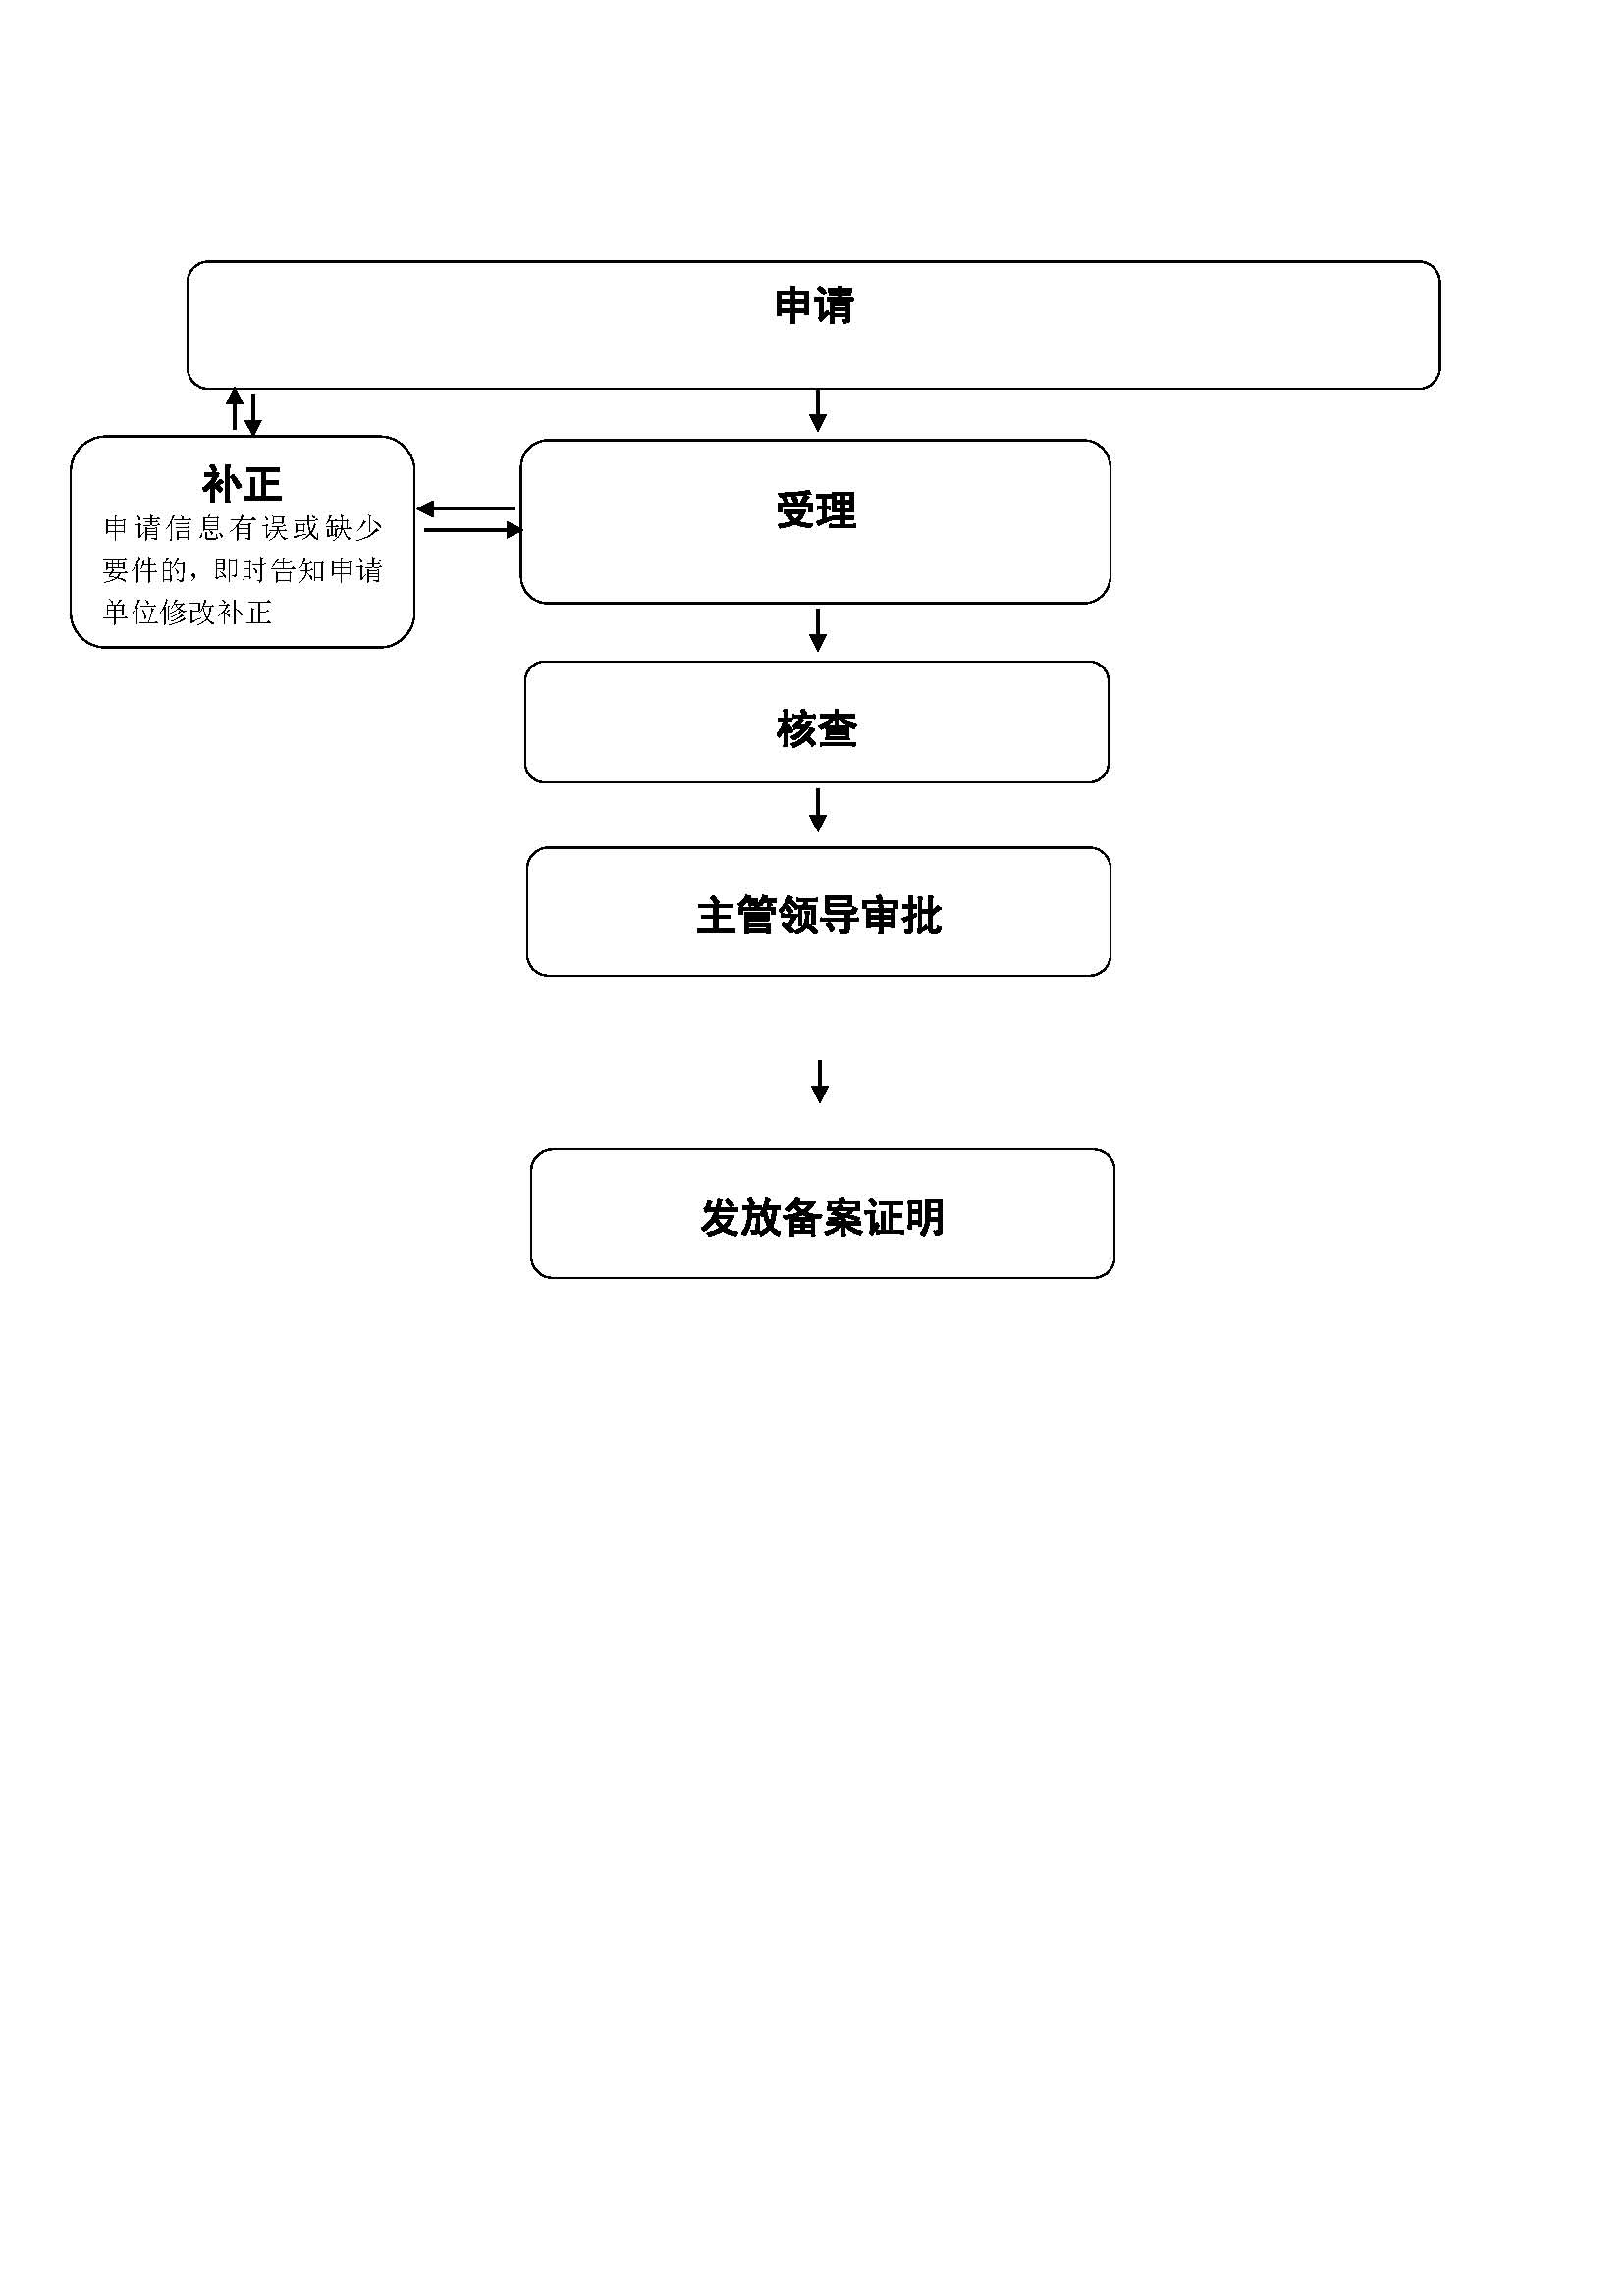 大庆市文化广电新闻出版局其他行政权力流程图.jpg